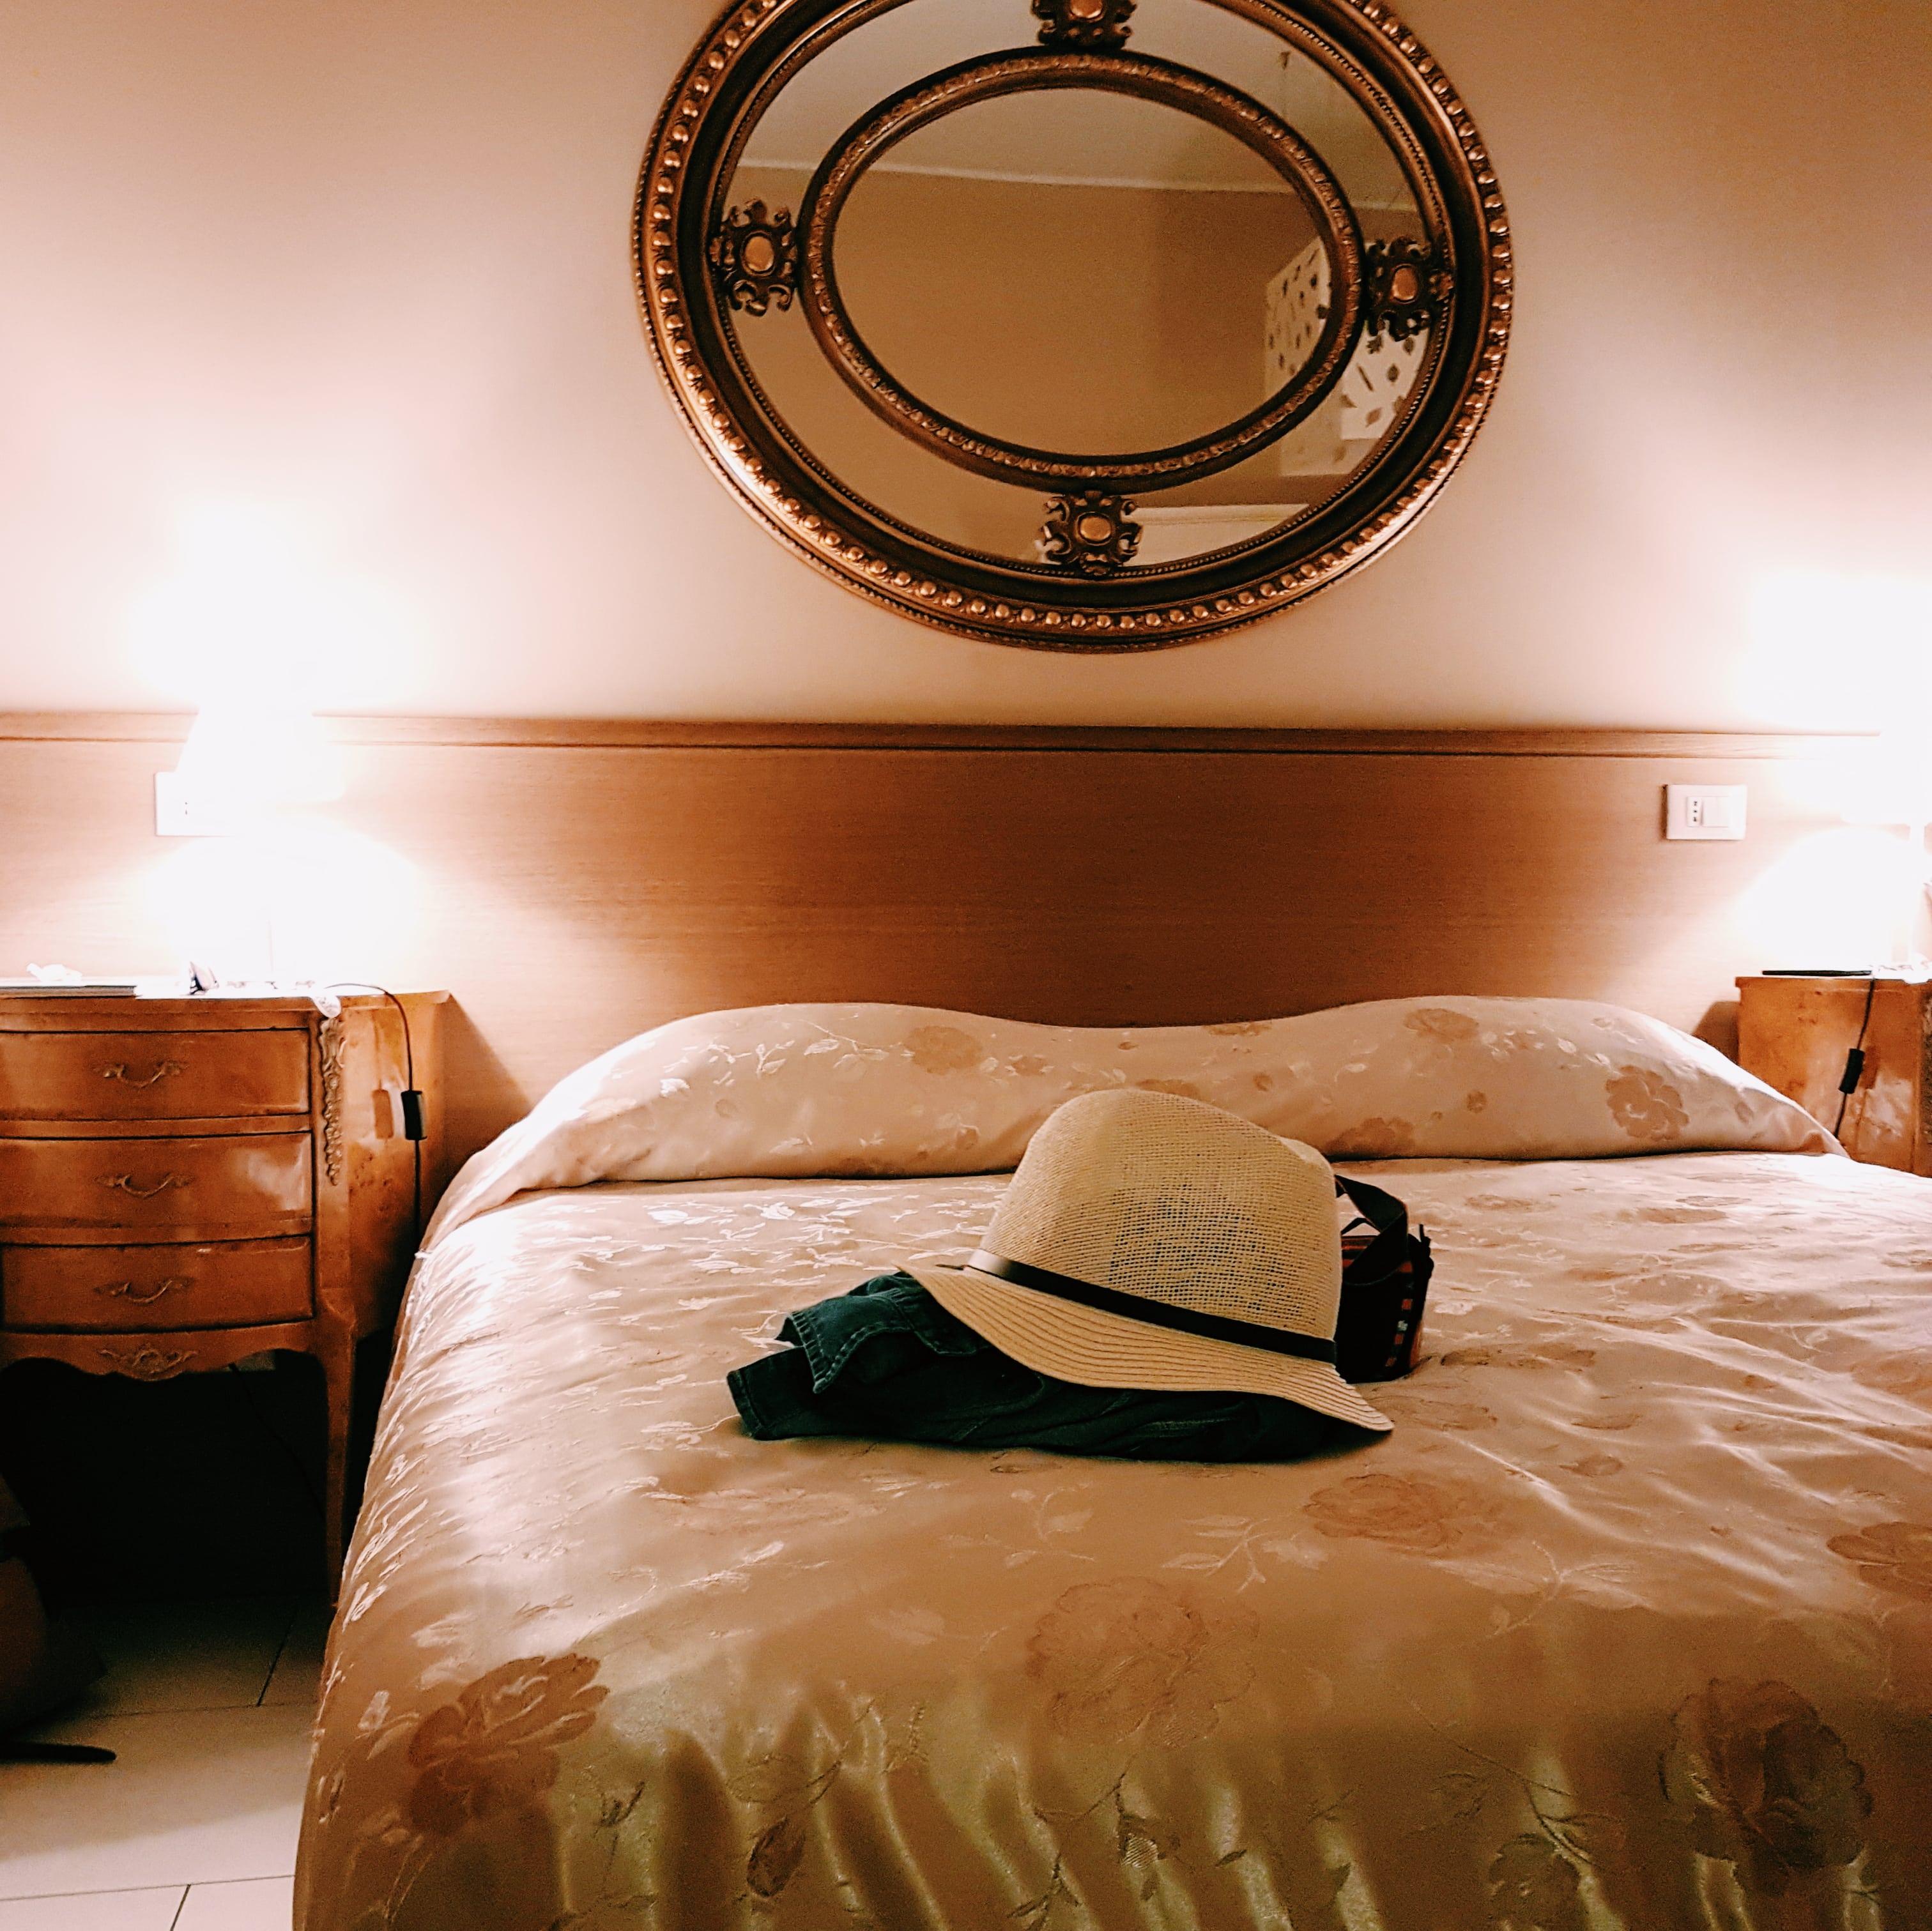 camera d'albergo con letto e specchio